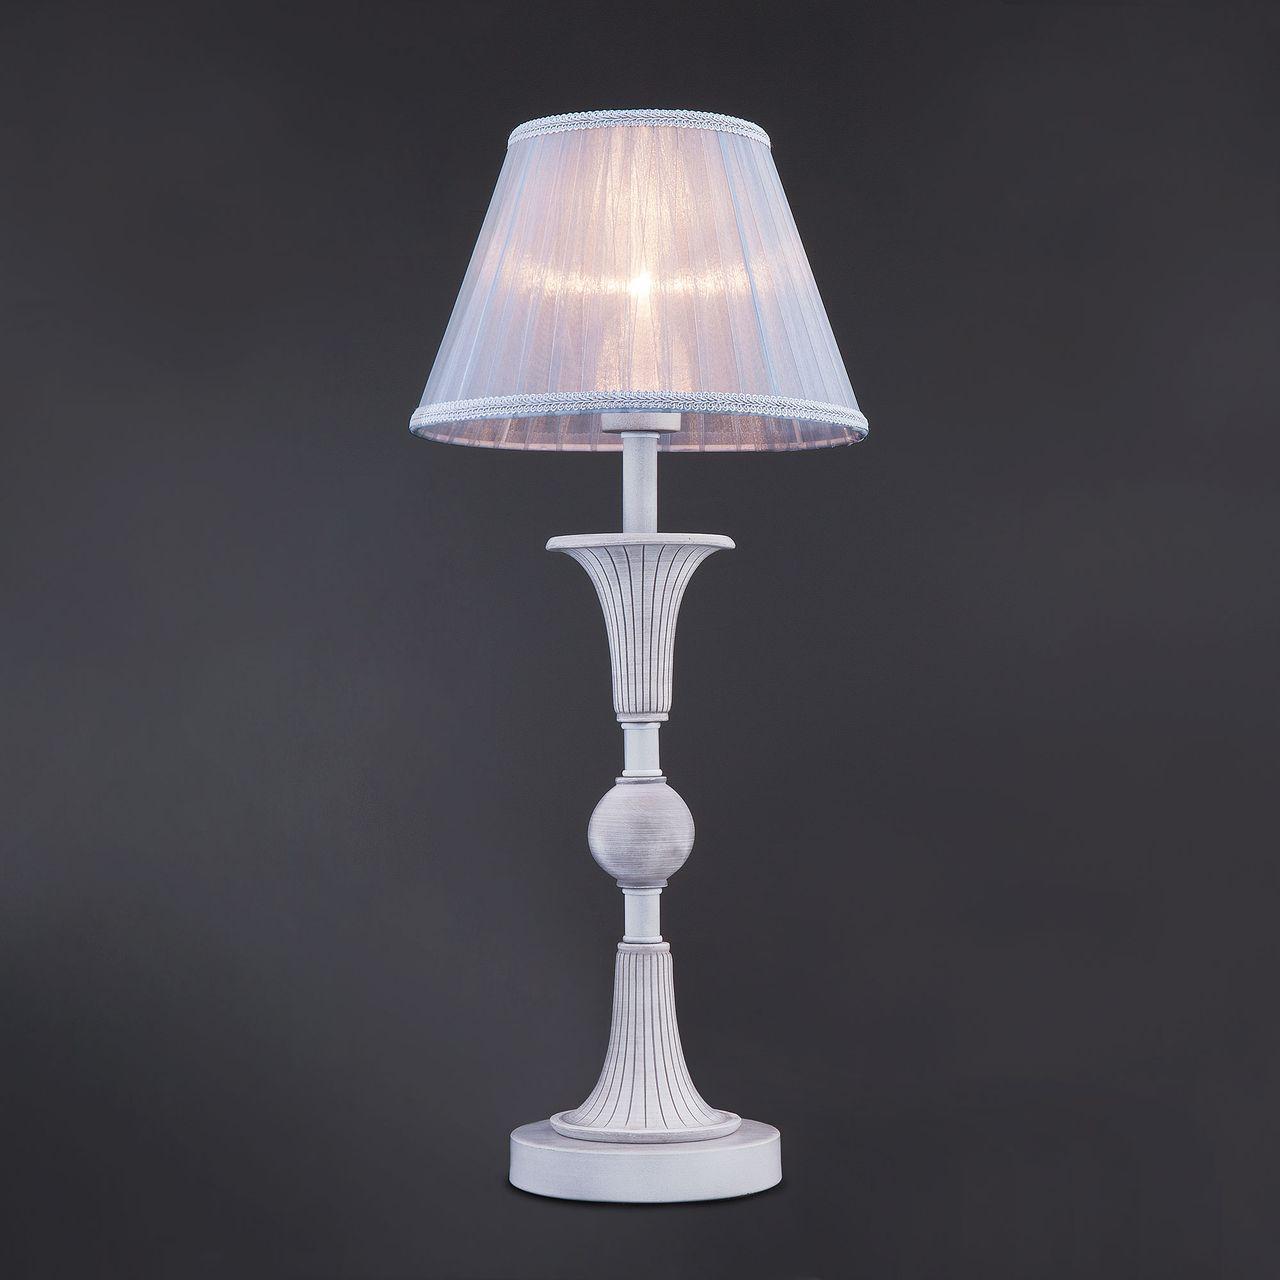 Настольная лампа Eurosvet Elegy 01026/1 серый ian sansom paper an elegy